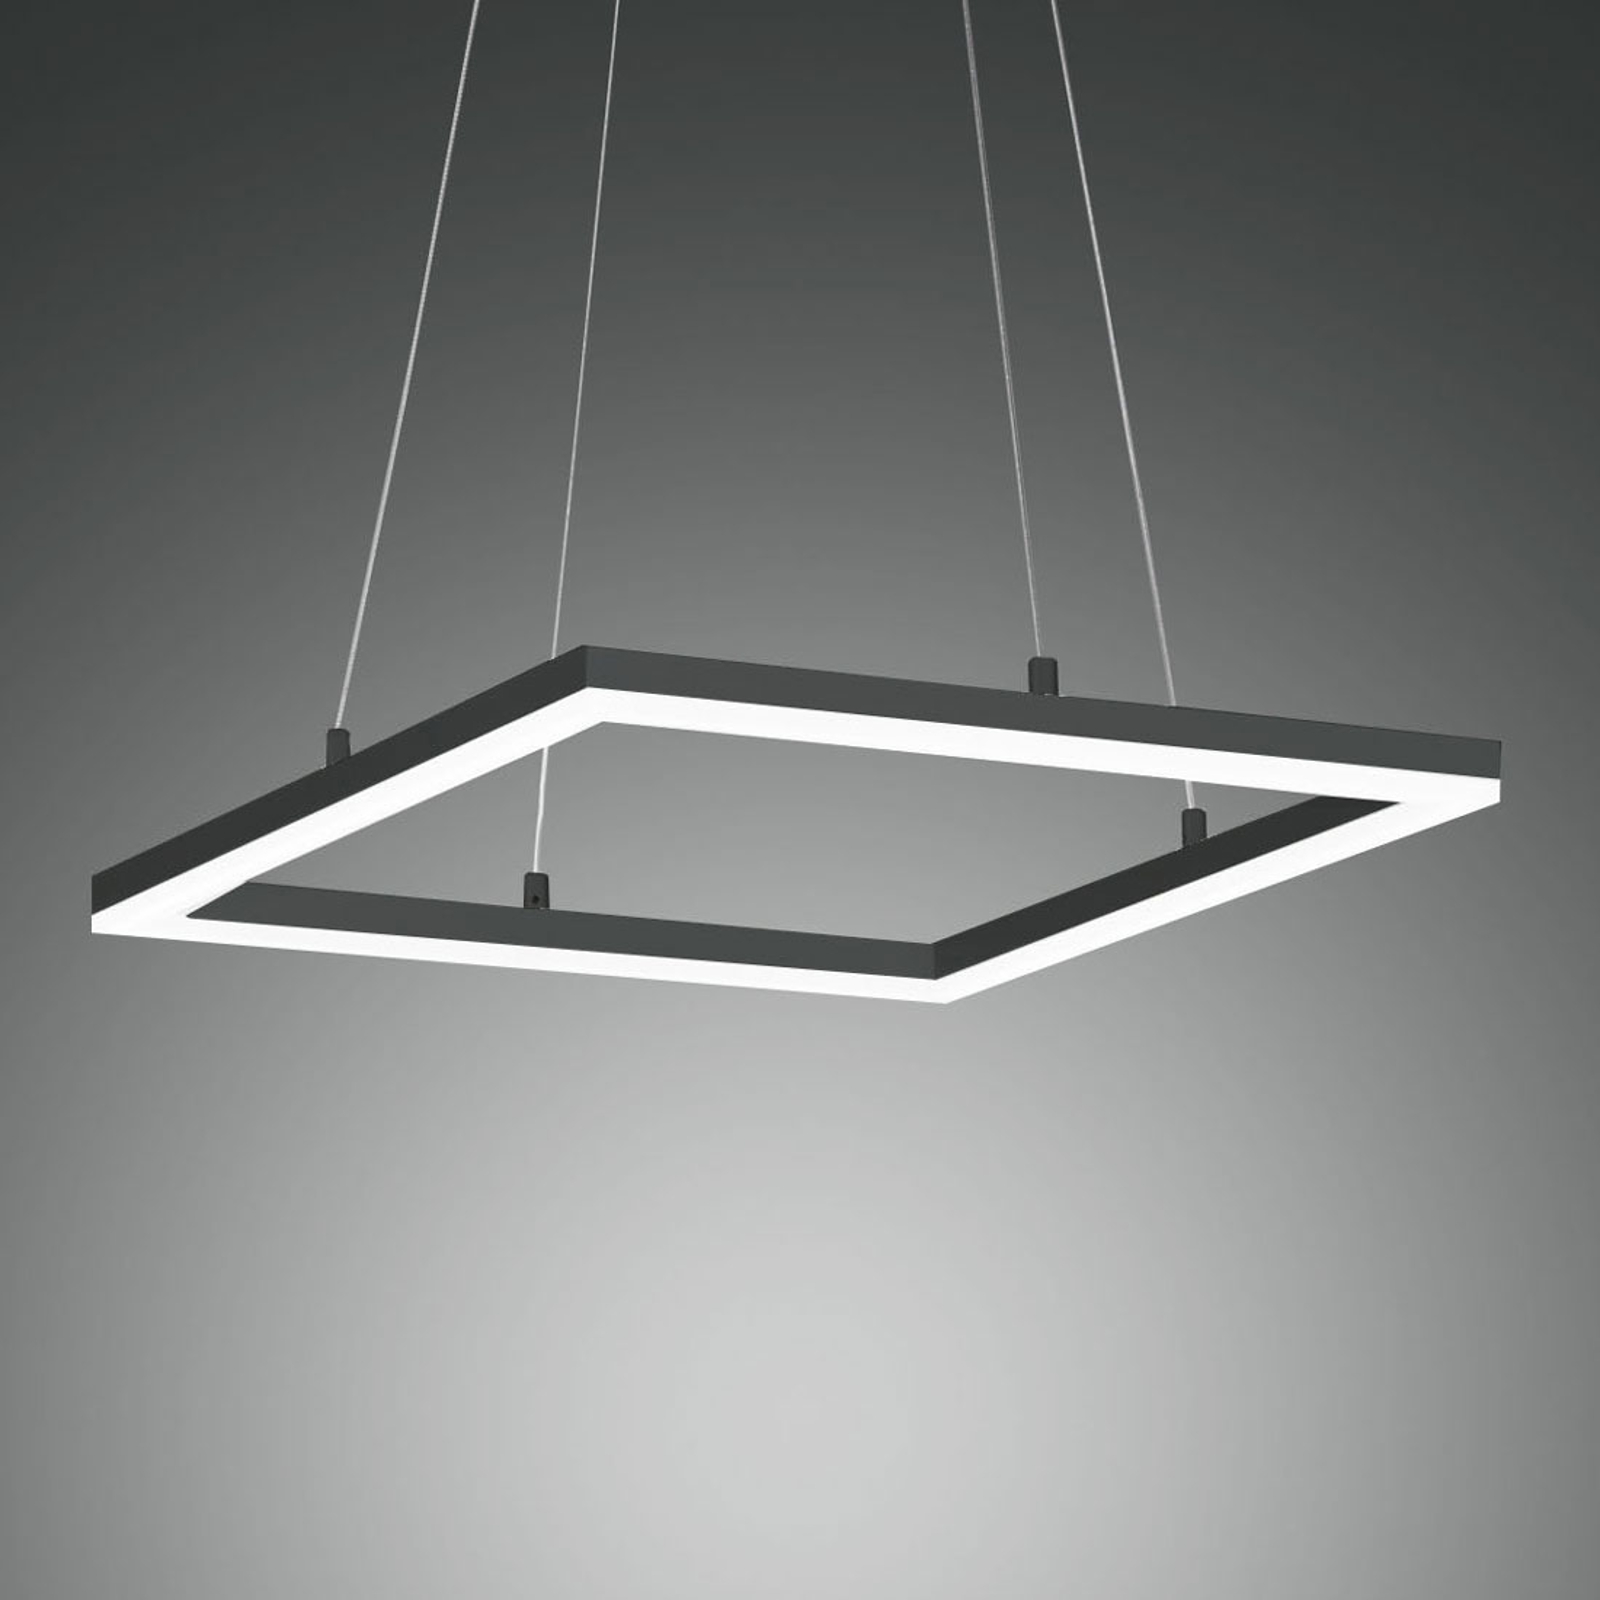 LED-hengelampe Bard, 42x42 cm, antrasitt